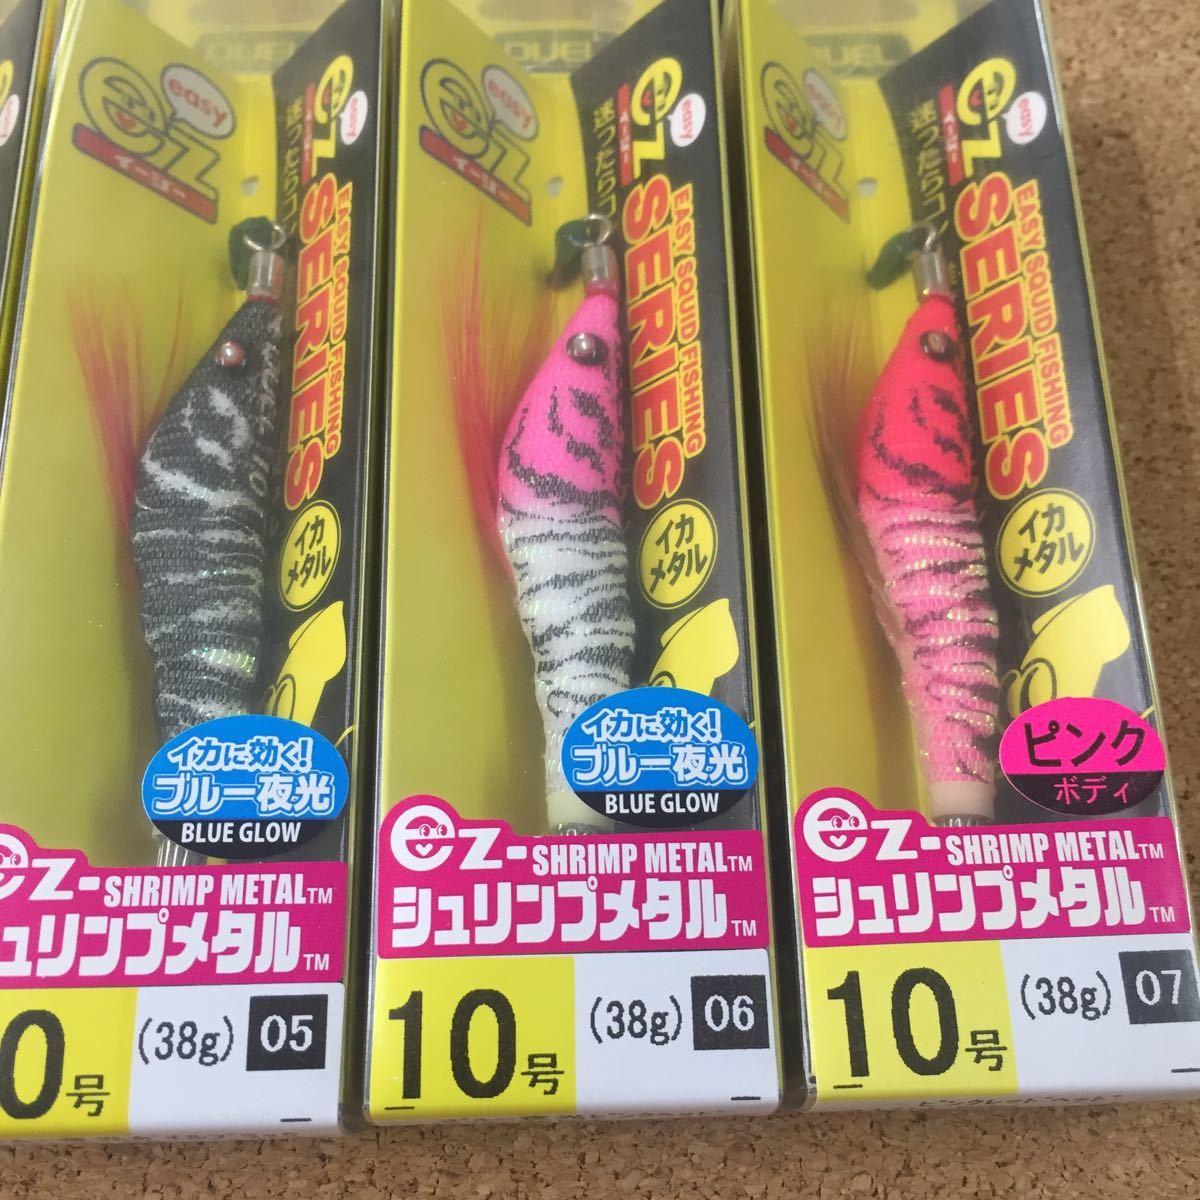 デュエル イージーシュリンプメタル 10号 6色 グロー ブルー夜光 新品 処分価格!_画像3